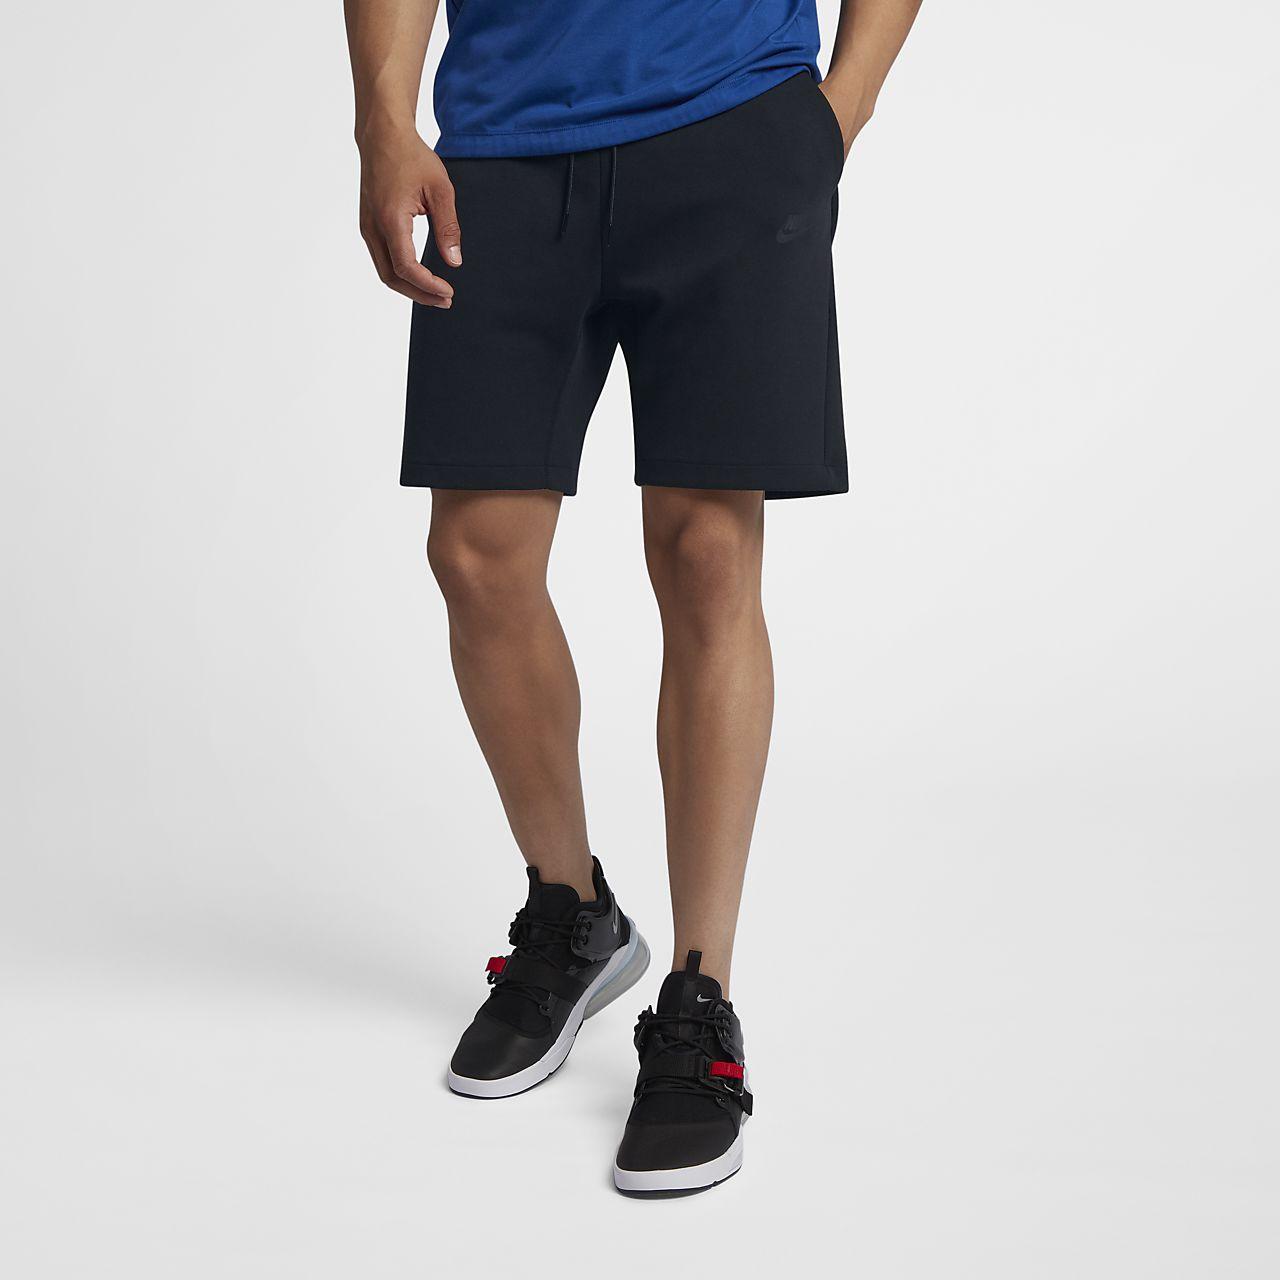 625d7d4c777e Nike Sportswear Tech Fleece Men s Shorts. Nike.com IN